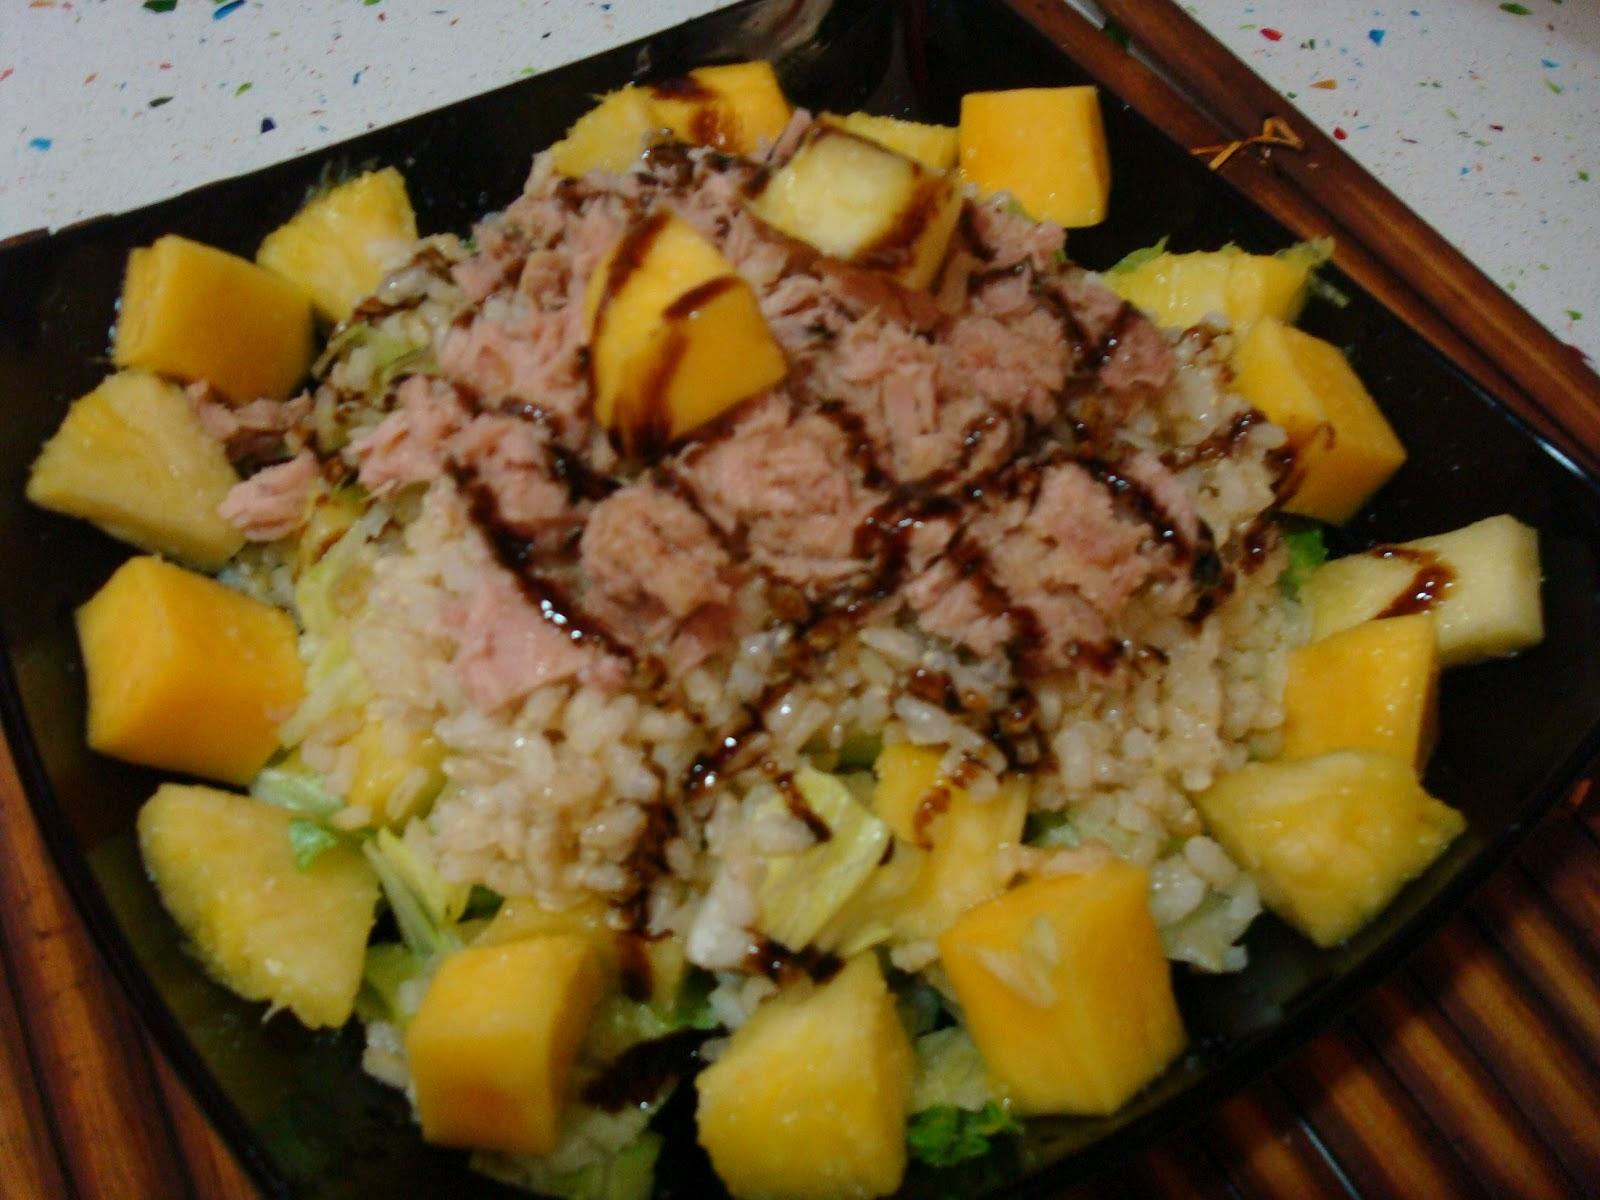 La cocina de gema y eva ensalada de arroz con pi a y mango for Cocinar con mango